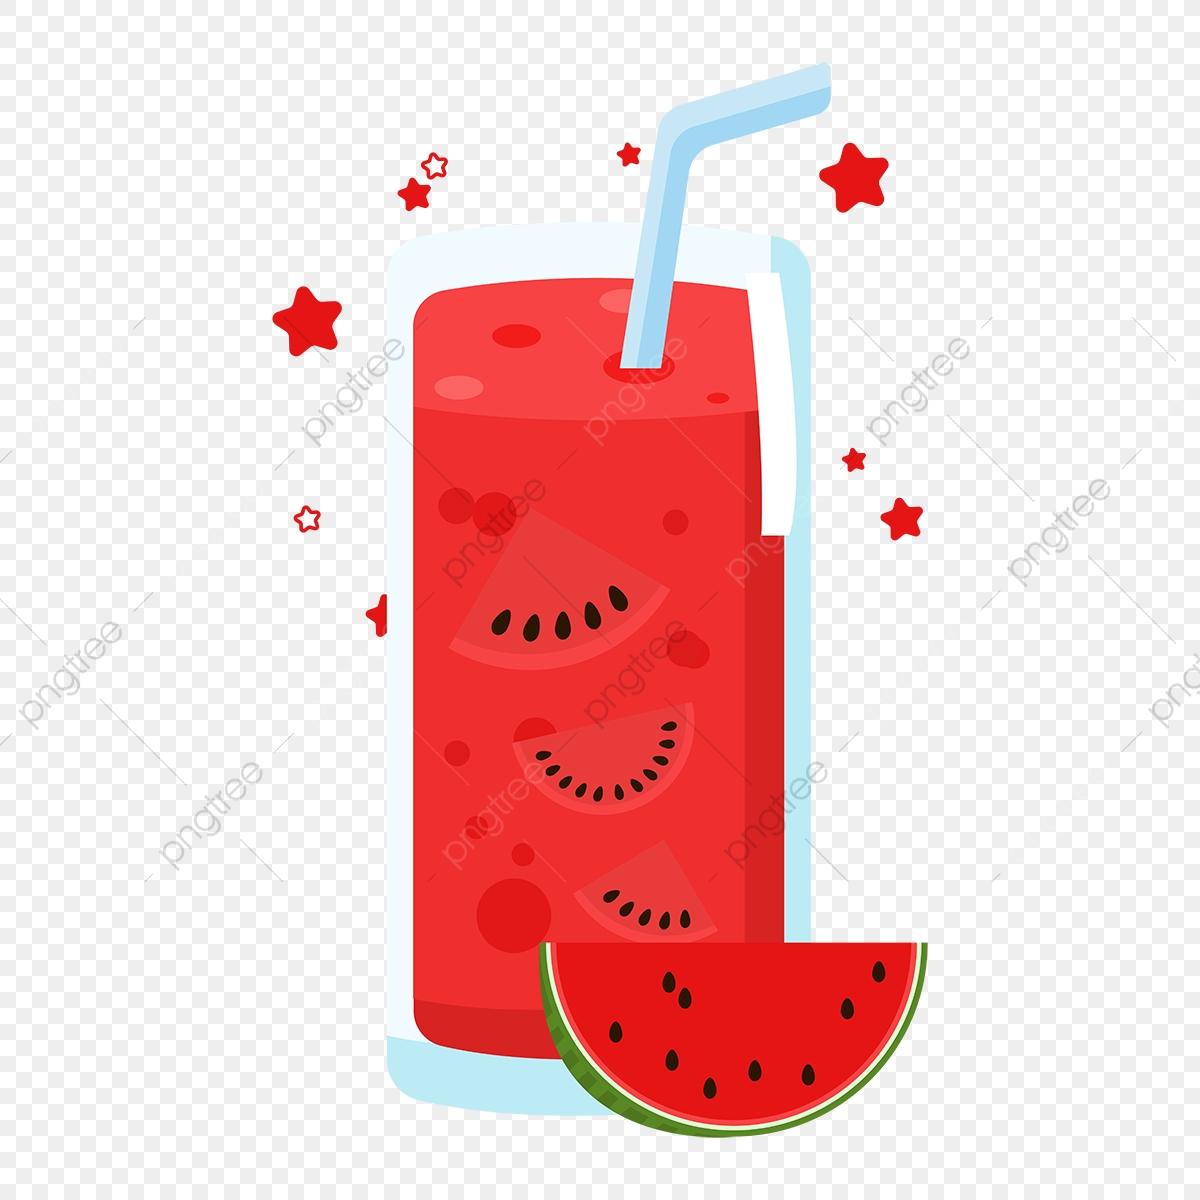 Juice clipart watermelon juice, Juice watermelon juice.